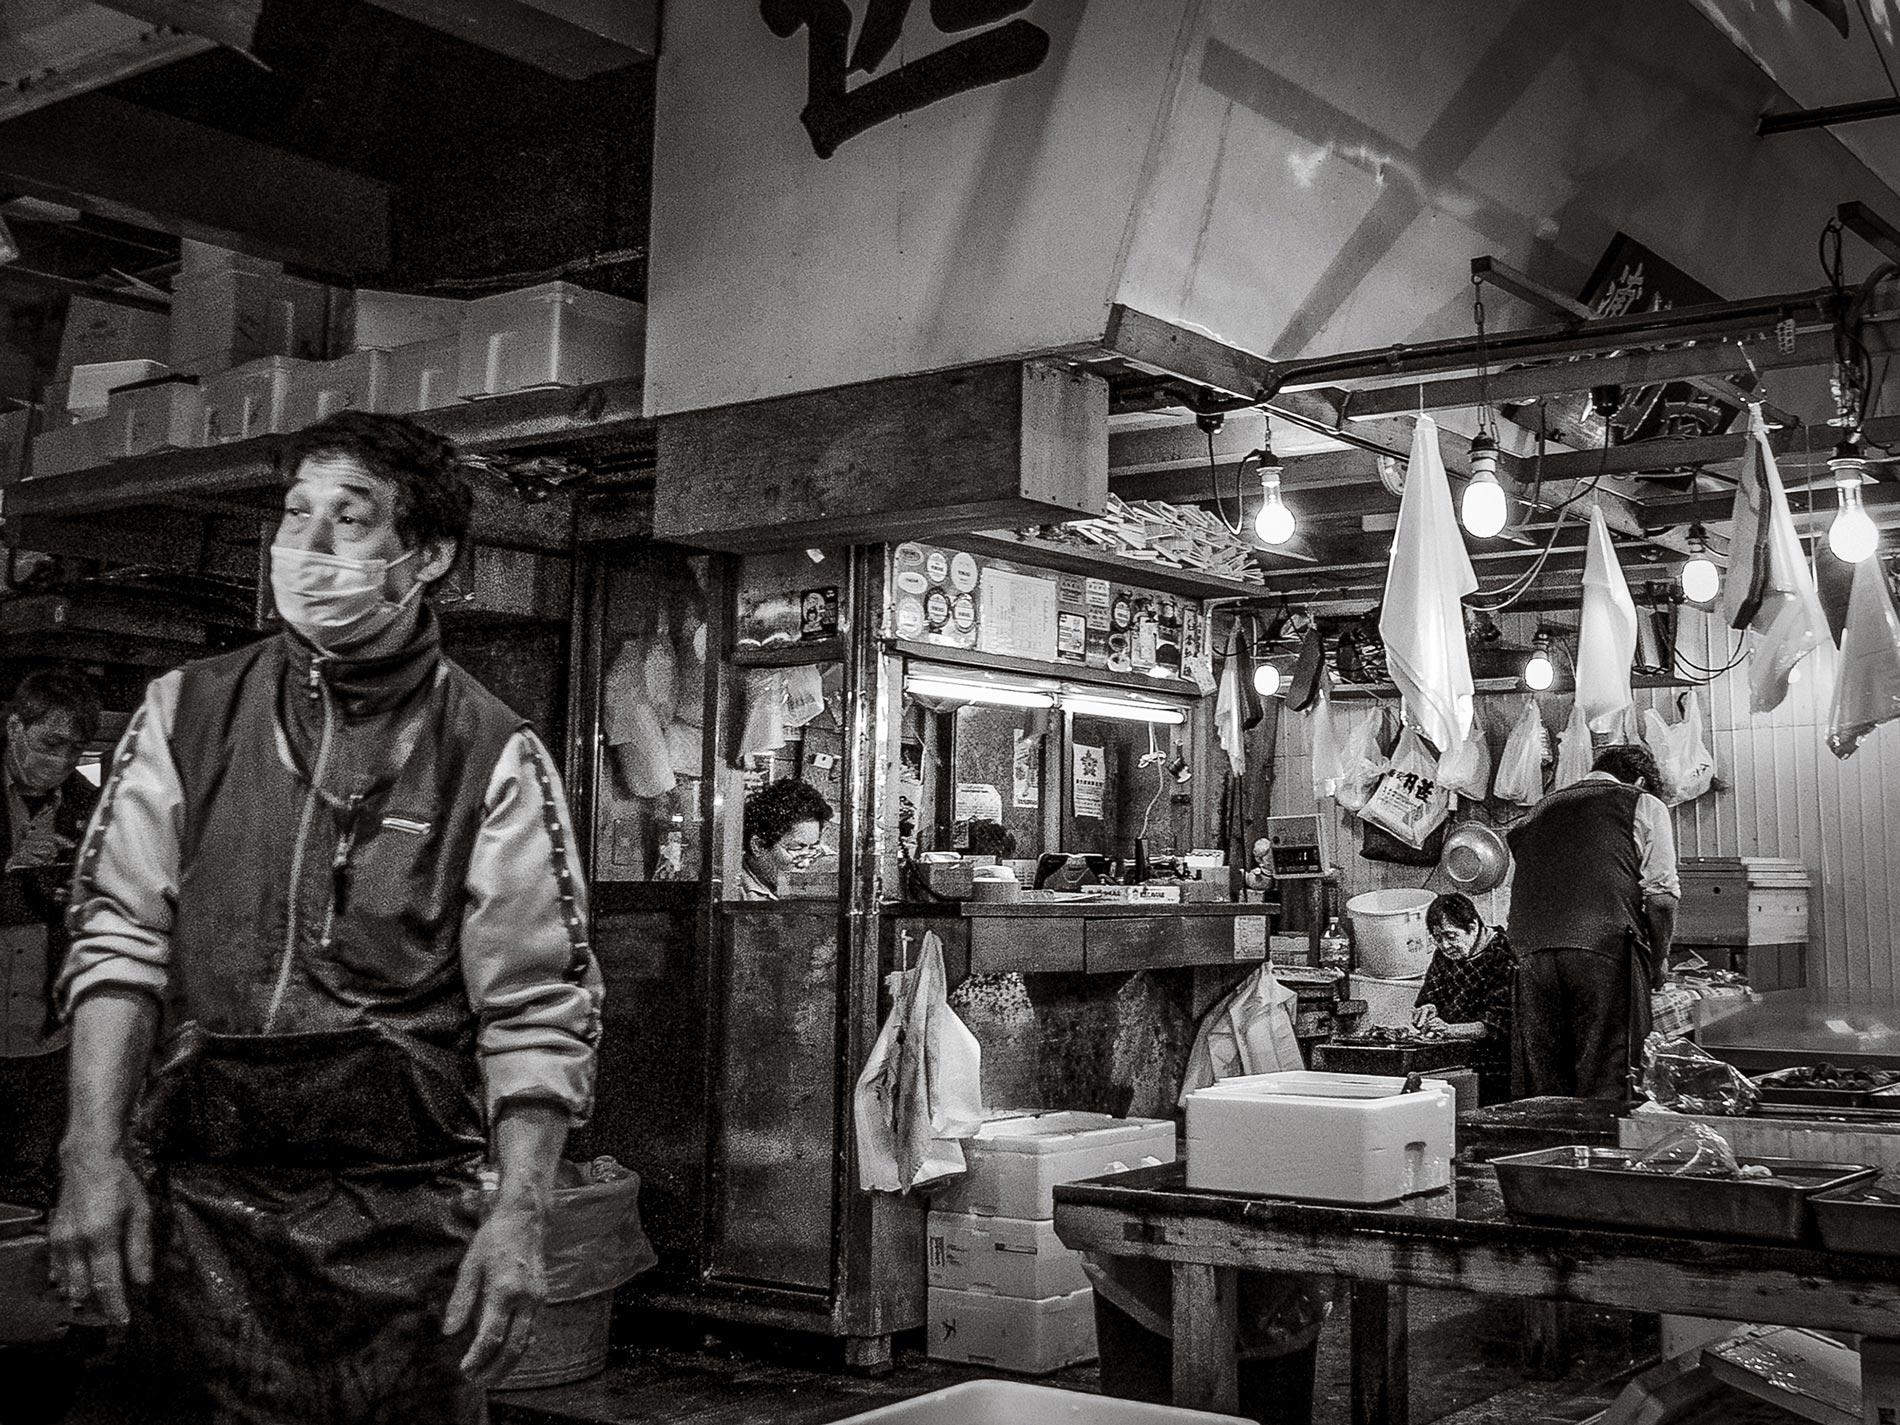 Face mask - Tsukiji fish market